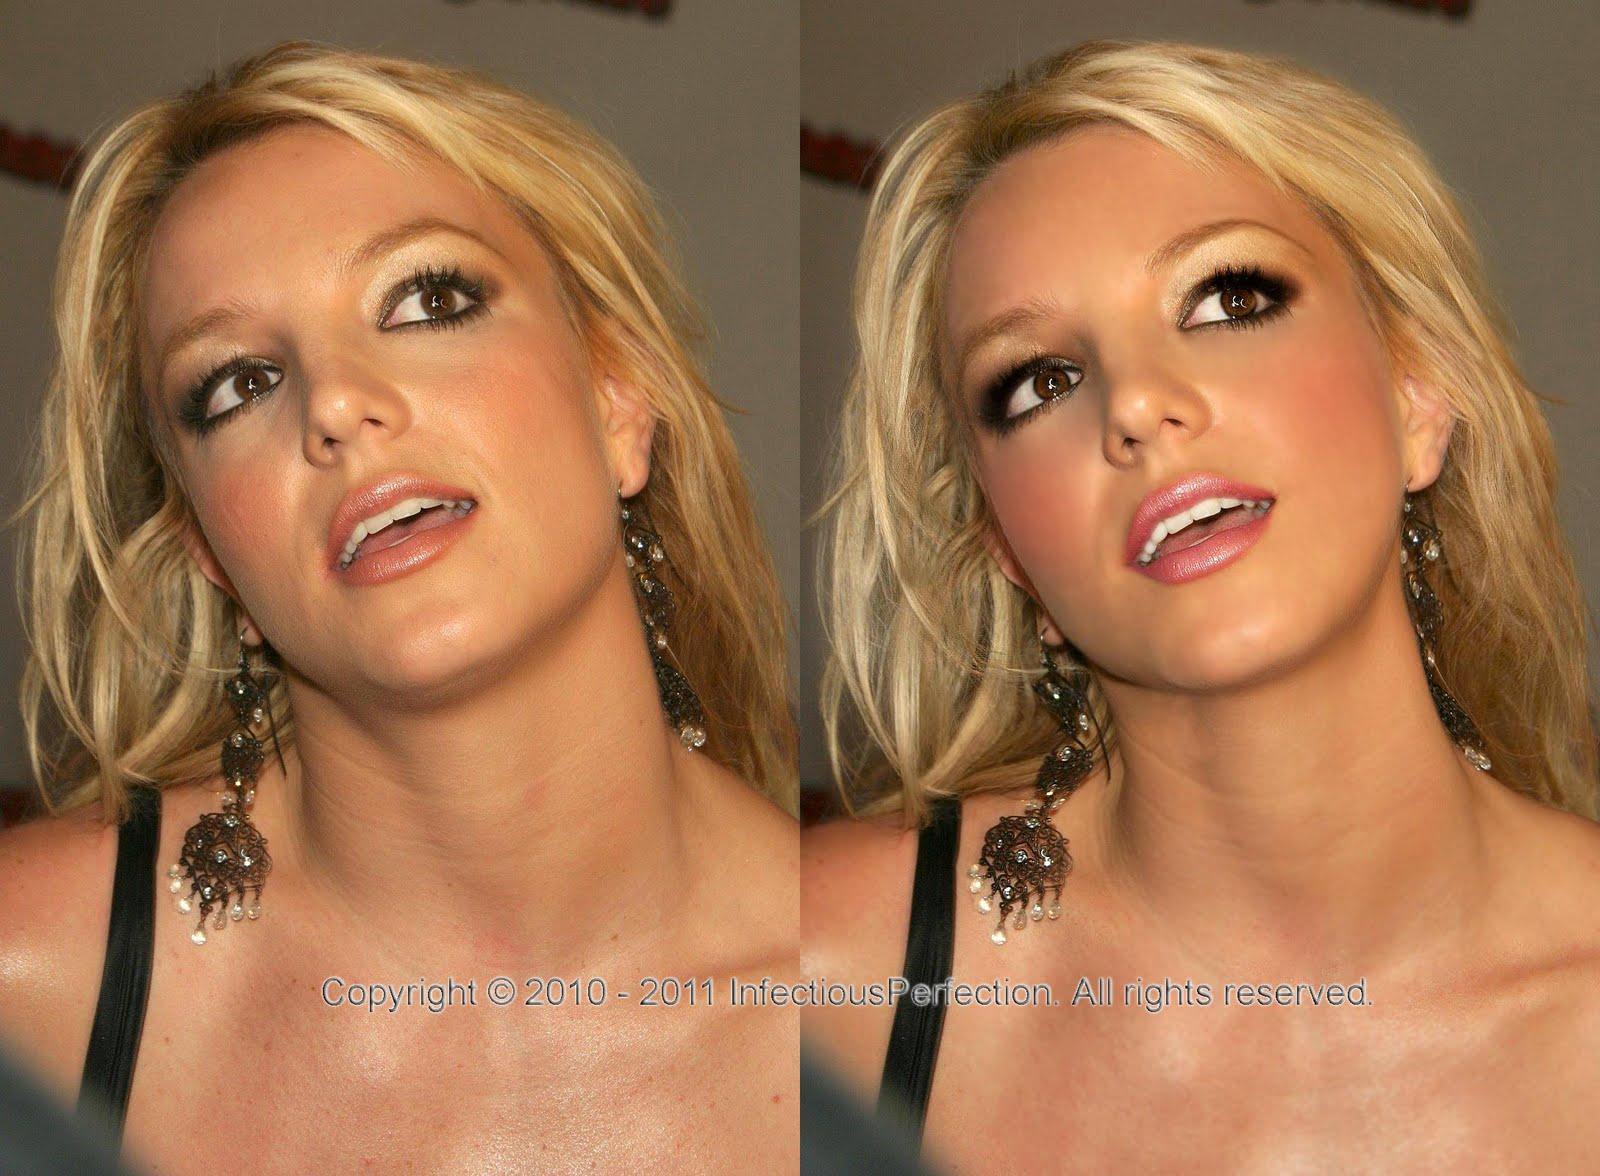 http://3.bp.blogspot.com/-D1uGETte2zw/TbTzimDfDGI/AAAAAAAAAAw/1iD20iRLX5E/s1600/Britney.jpg